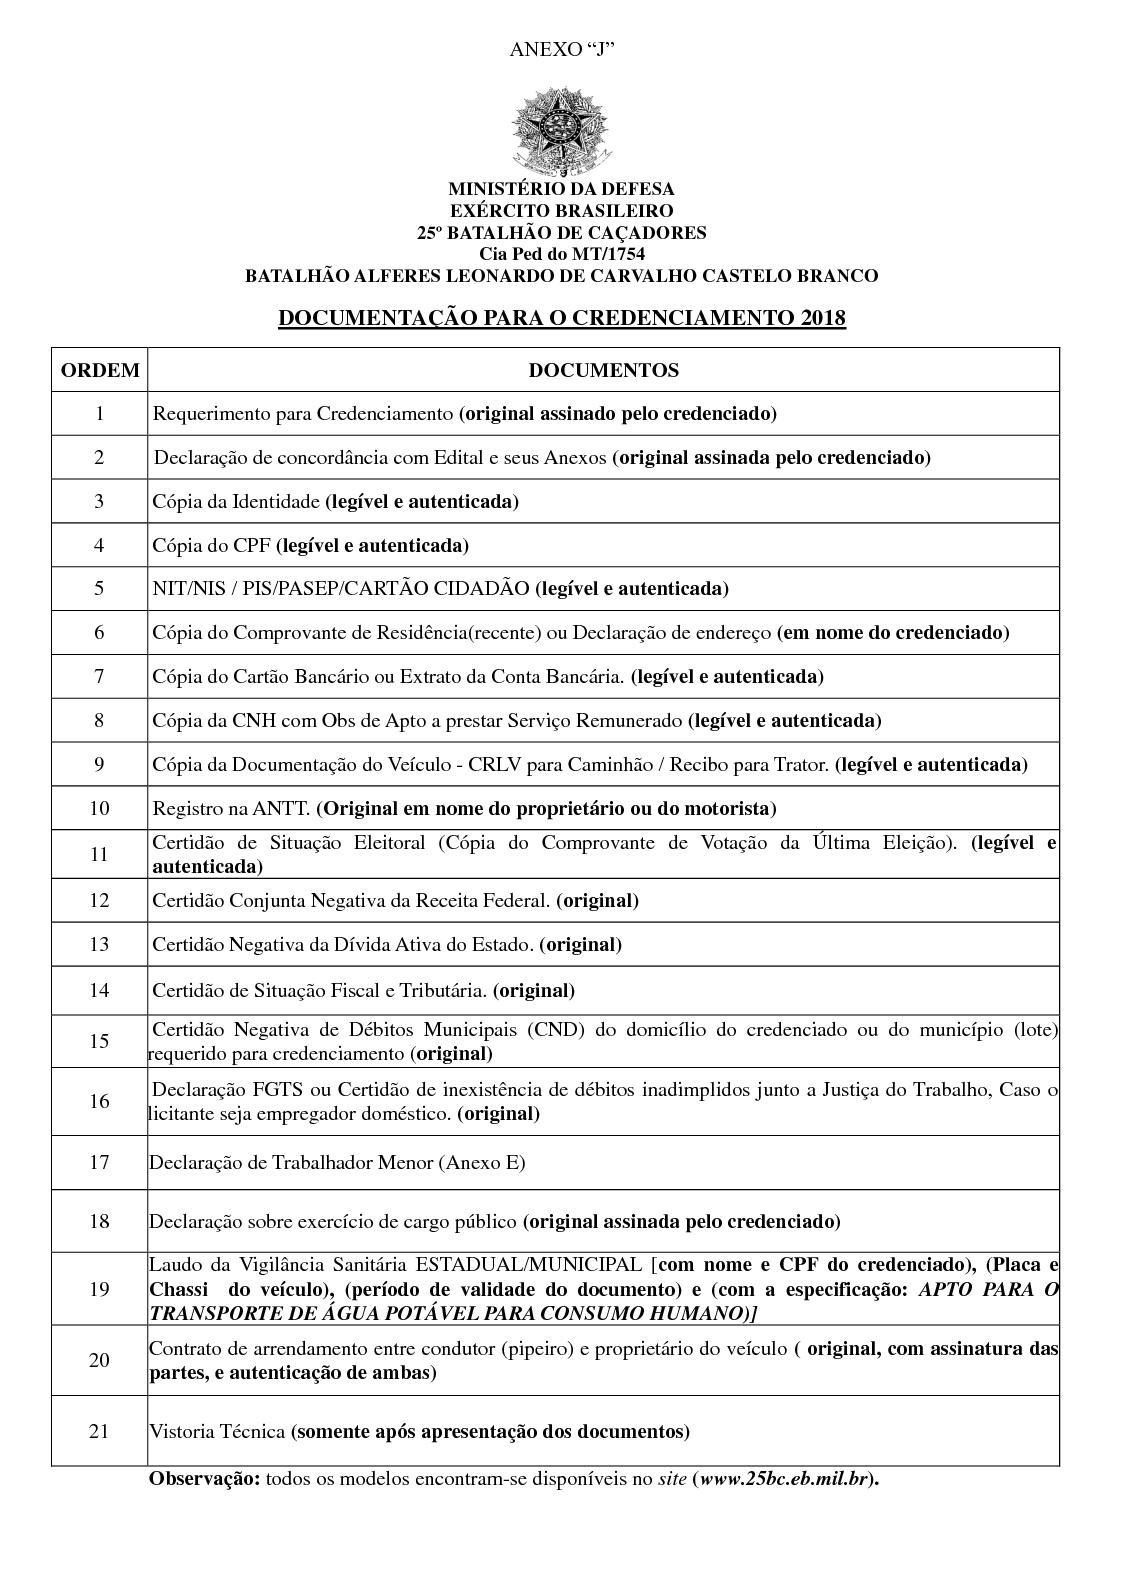 ANEXO J -DOCUMENTAÇÃO PARA O CREDENCIAMENTO